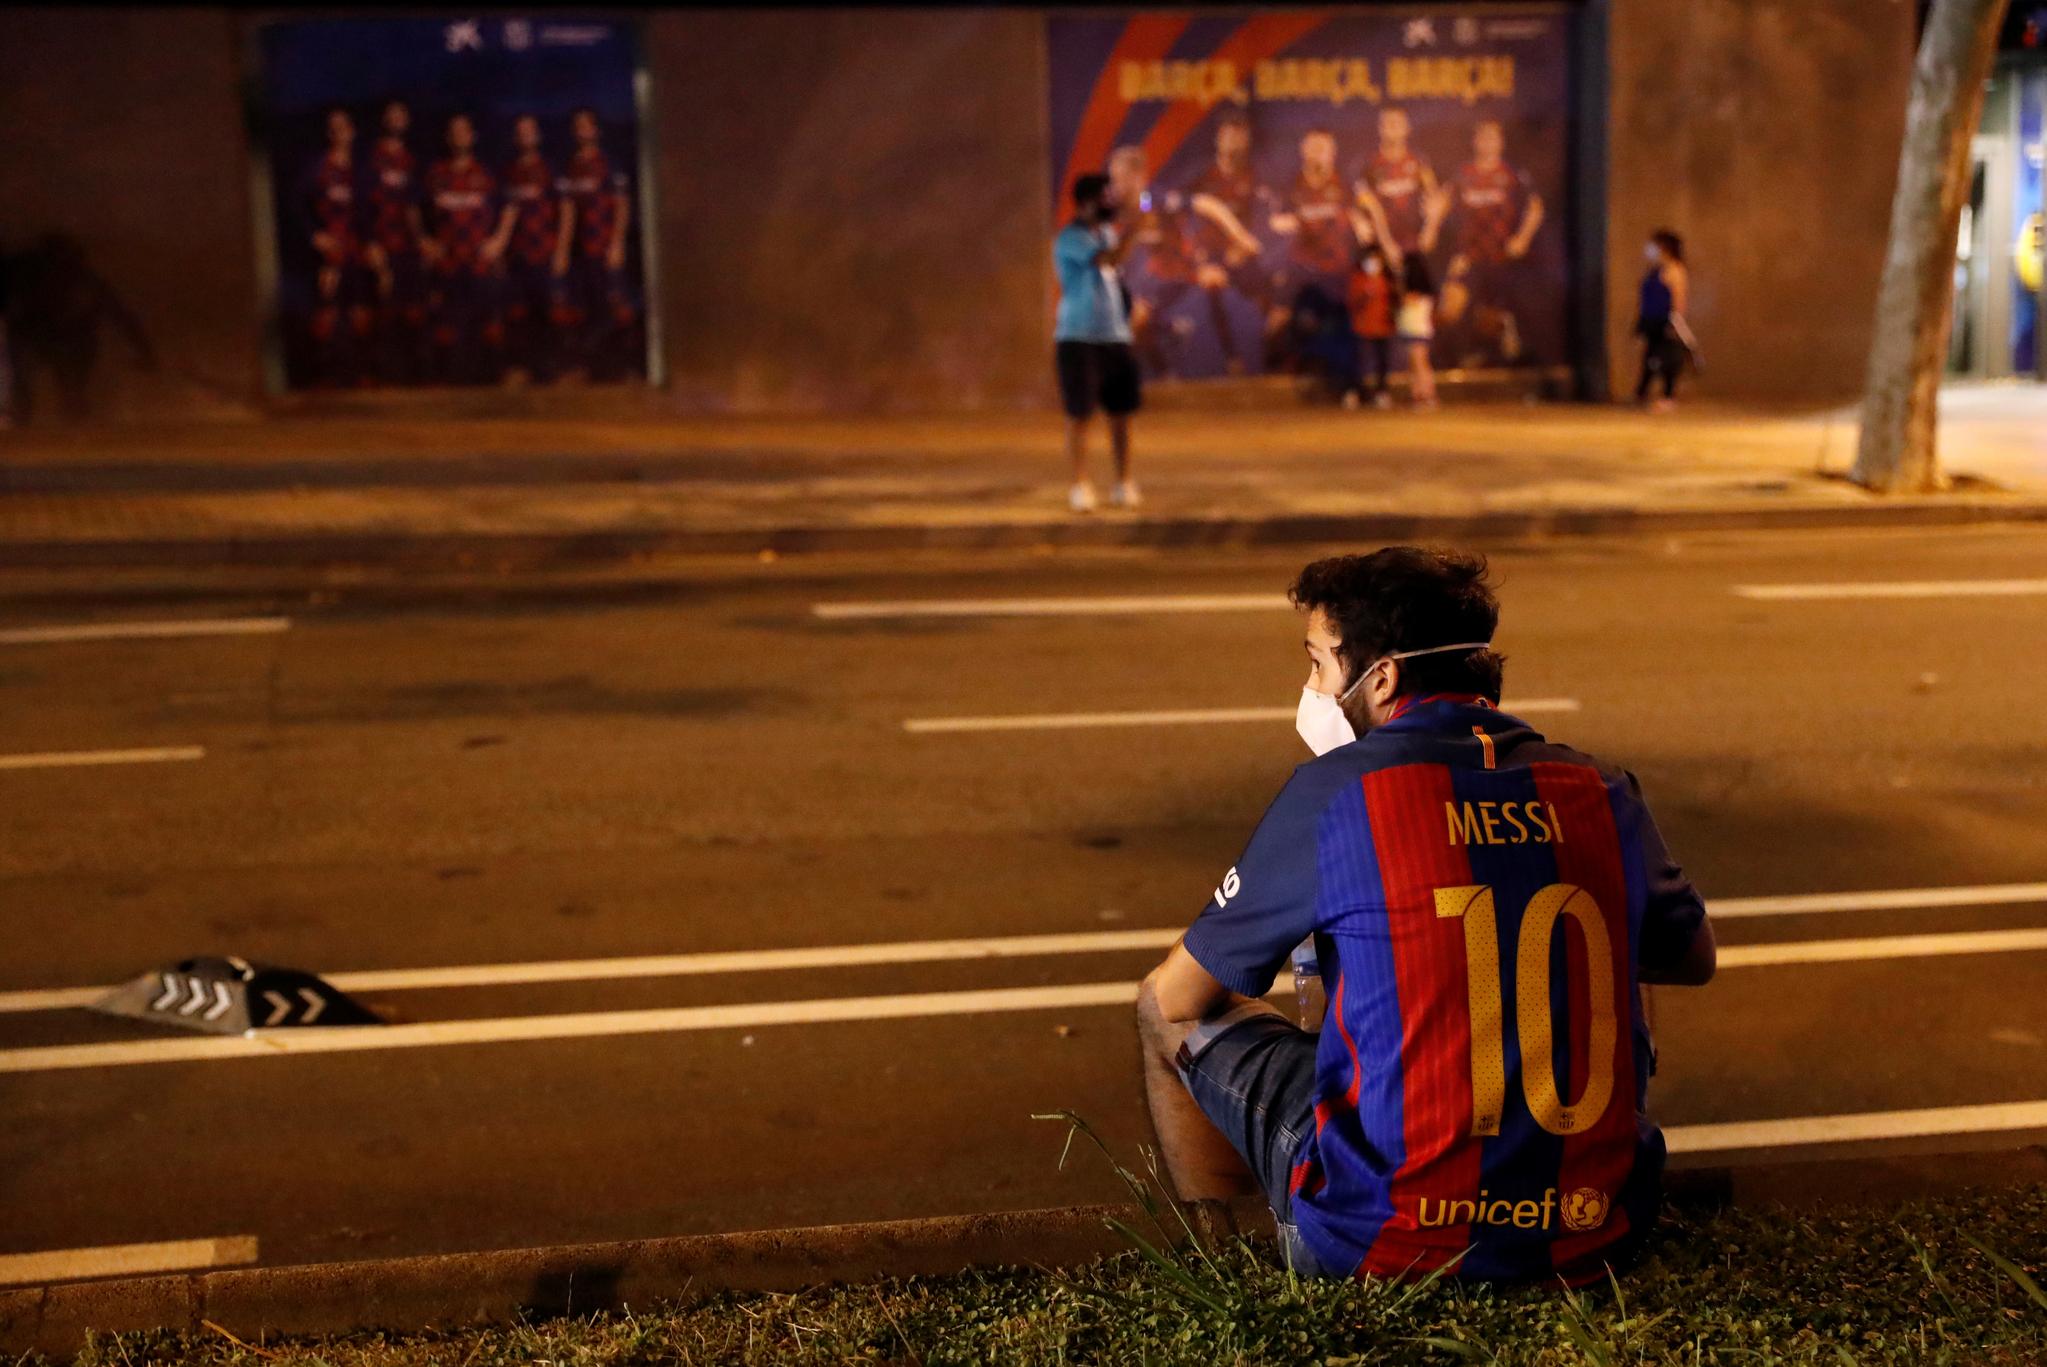 26일(현지시각) 스페인 바르셀로나의 FC 바르셀로나 홈 구장 캄프 누 앞에 리오넬 메시 유니폼을 입은 팬이 마스크를 쓴 채로 도로 중앙분리대에 걸터 앉아 있다. 메시 이적설이 불거지면서 팬들은 구단 측을 비판하는 집단행동에 나섰다. 로이터=연합뉴스